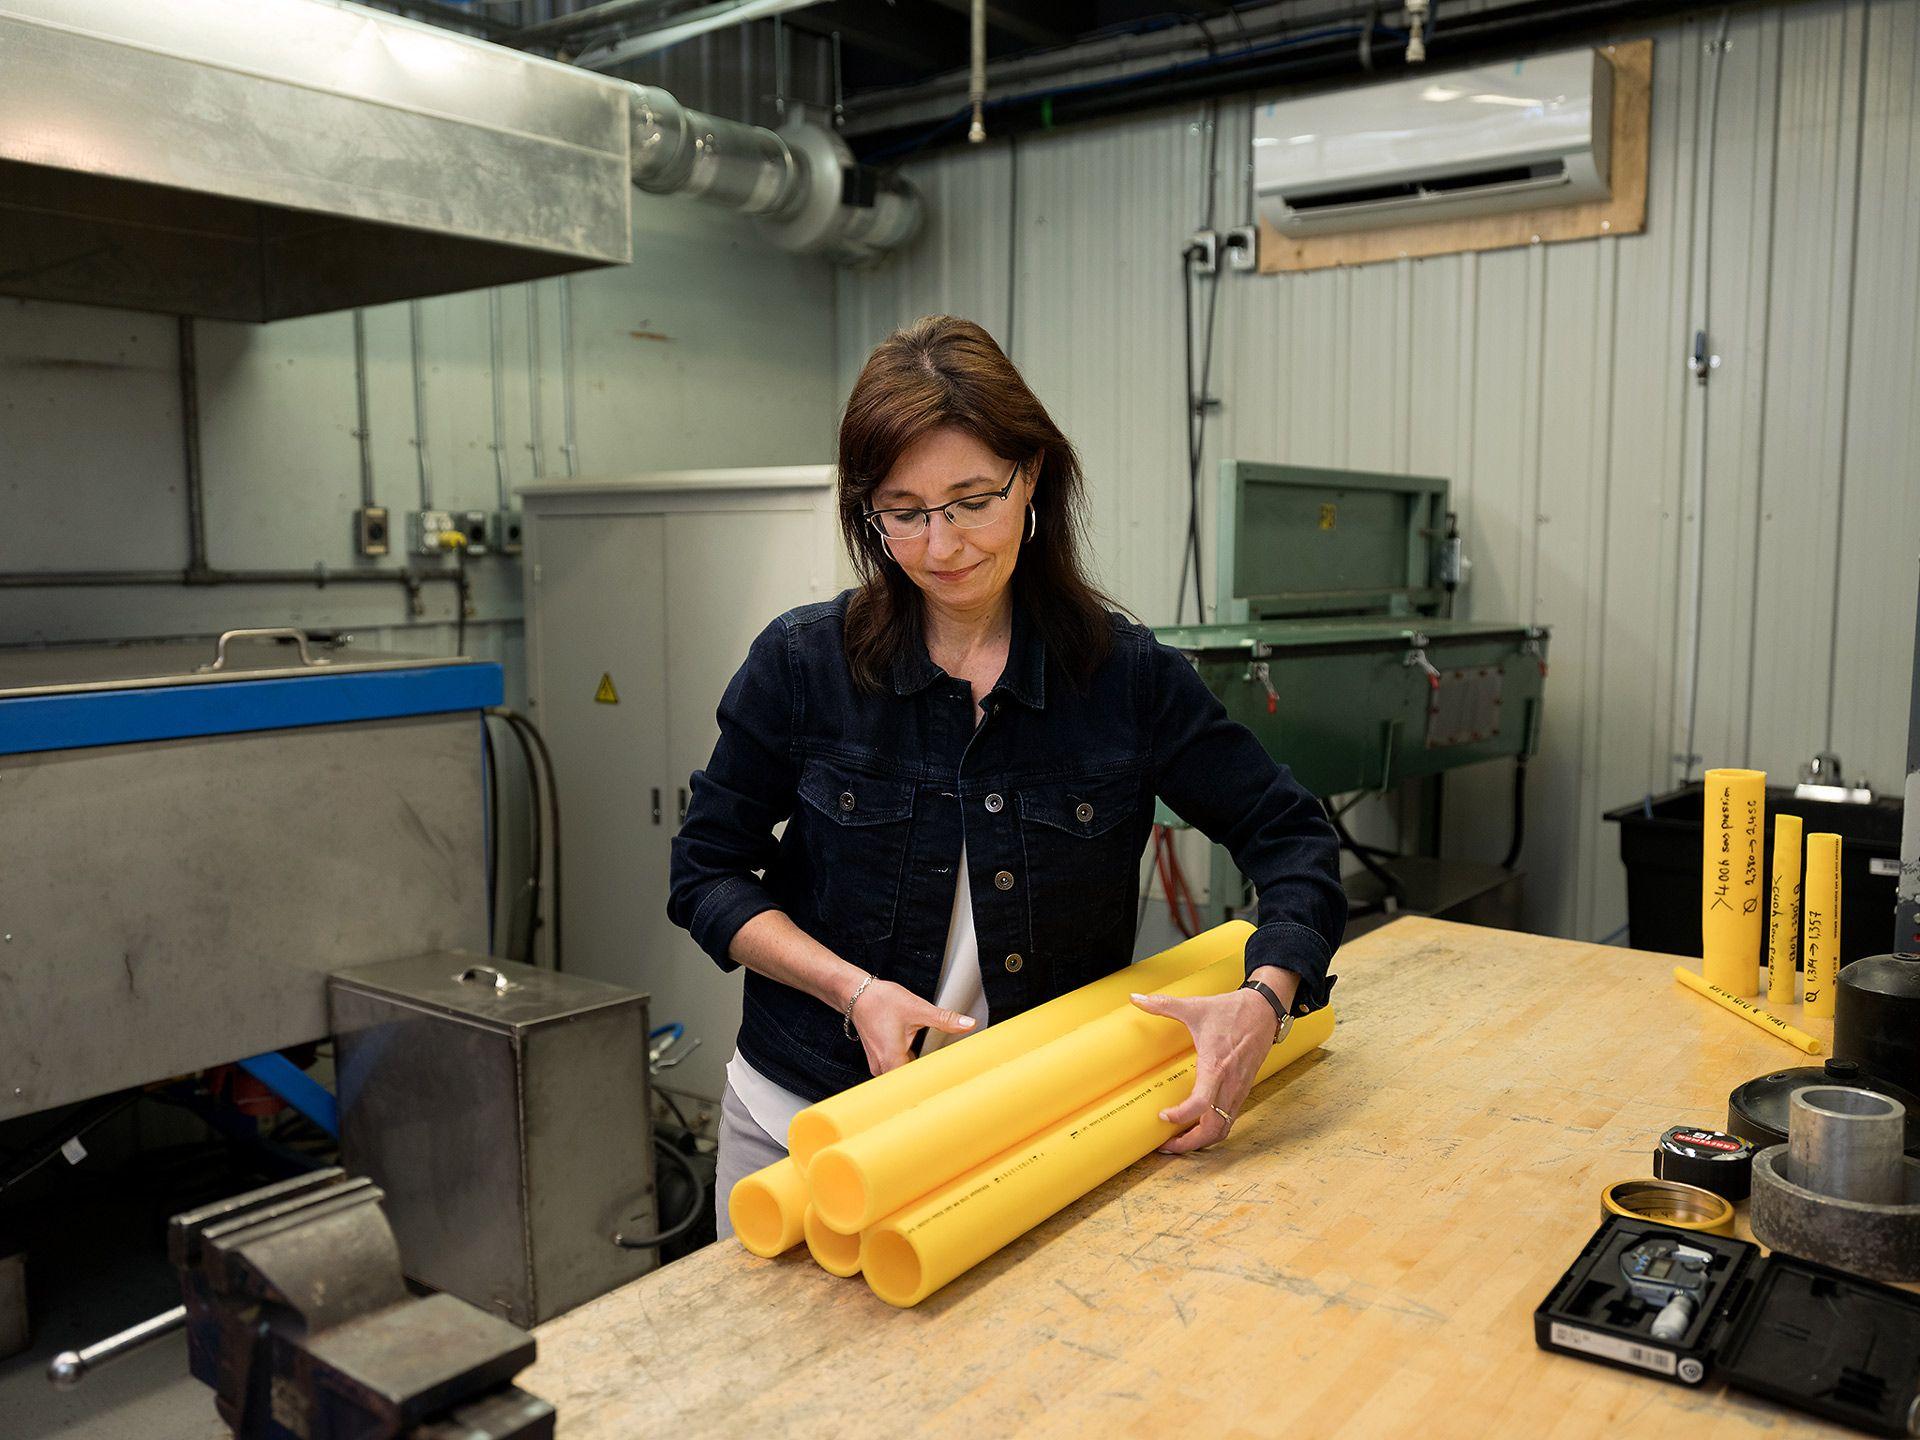 Femme dans une usine saisissant 5 tuyaux jaunes sur une table.